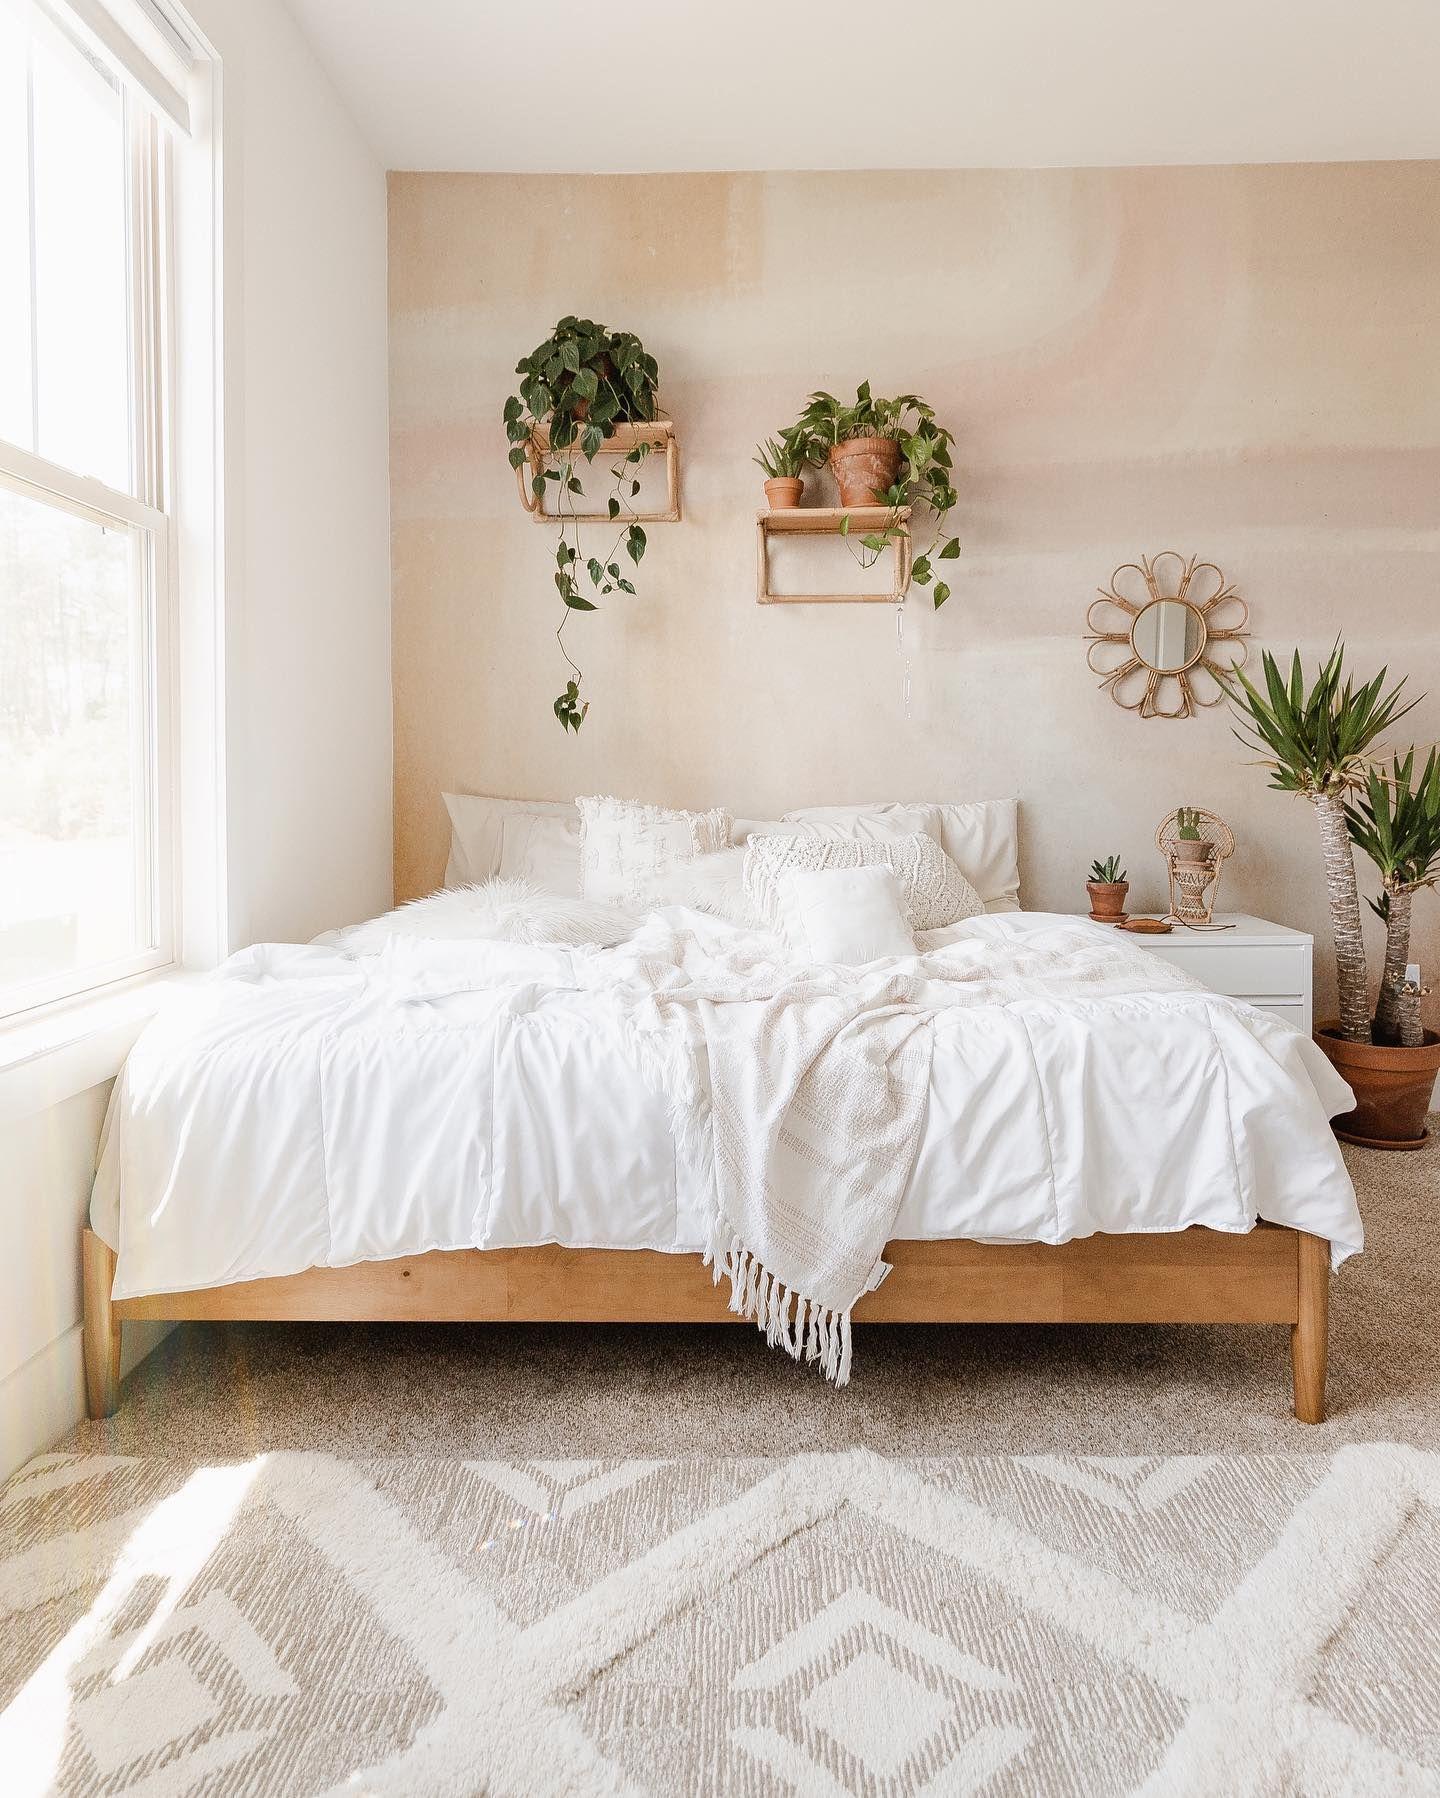 Giường Ngủ Thoải Mái Nhất